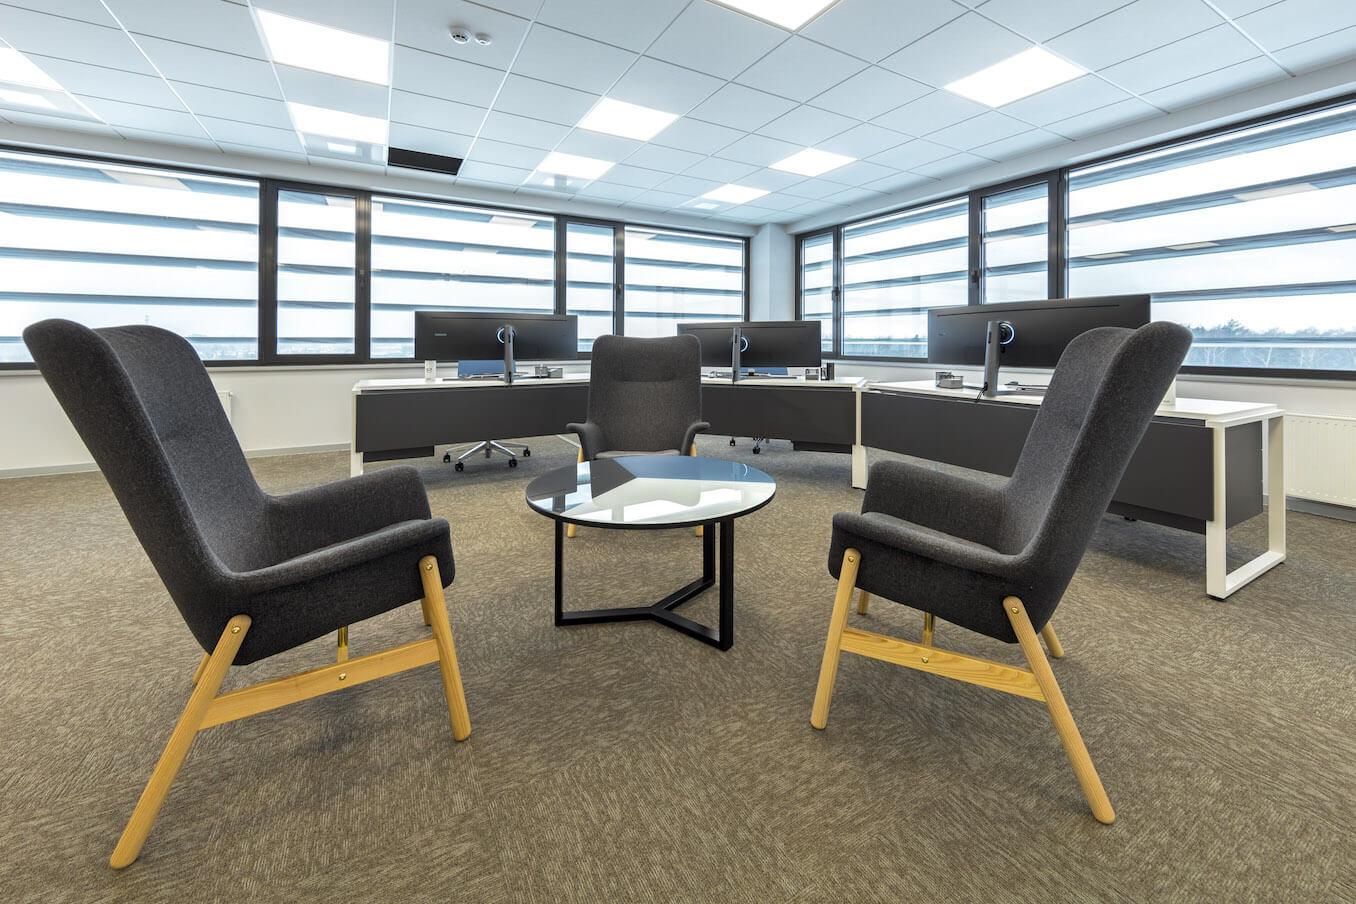 verslo-centras-inovaciju3-kaunas-22